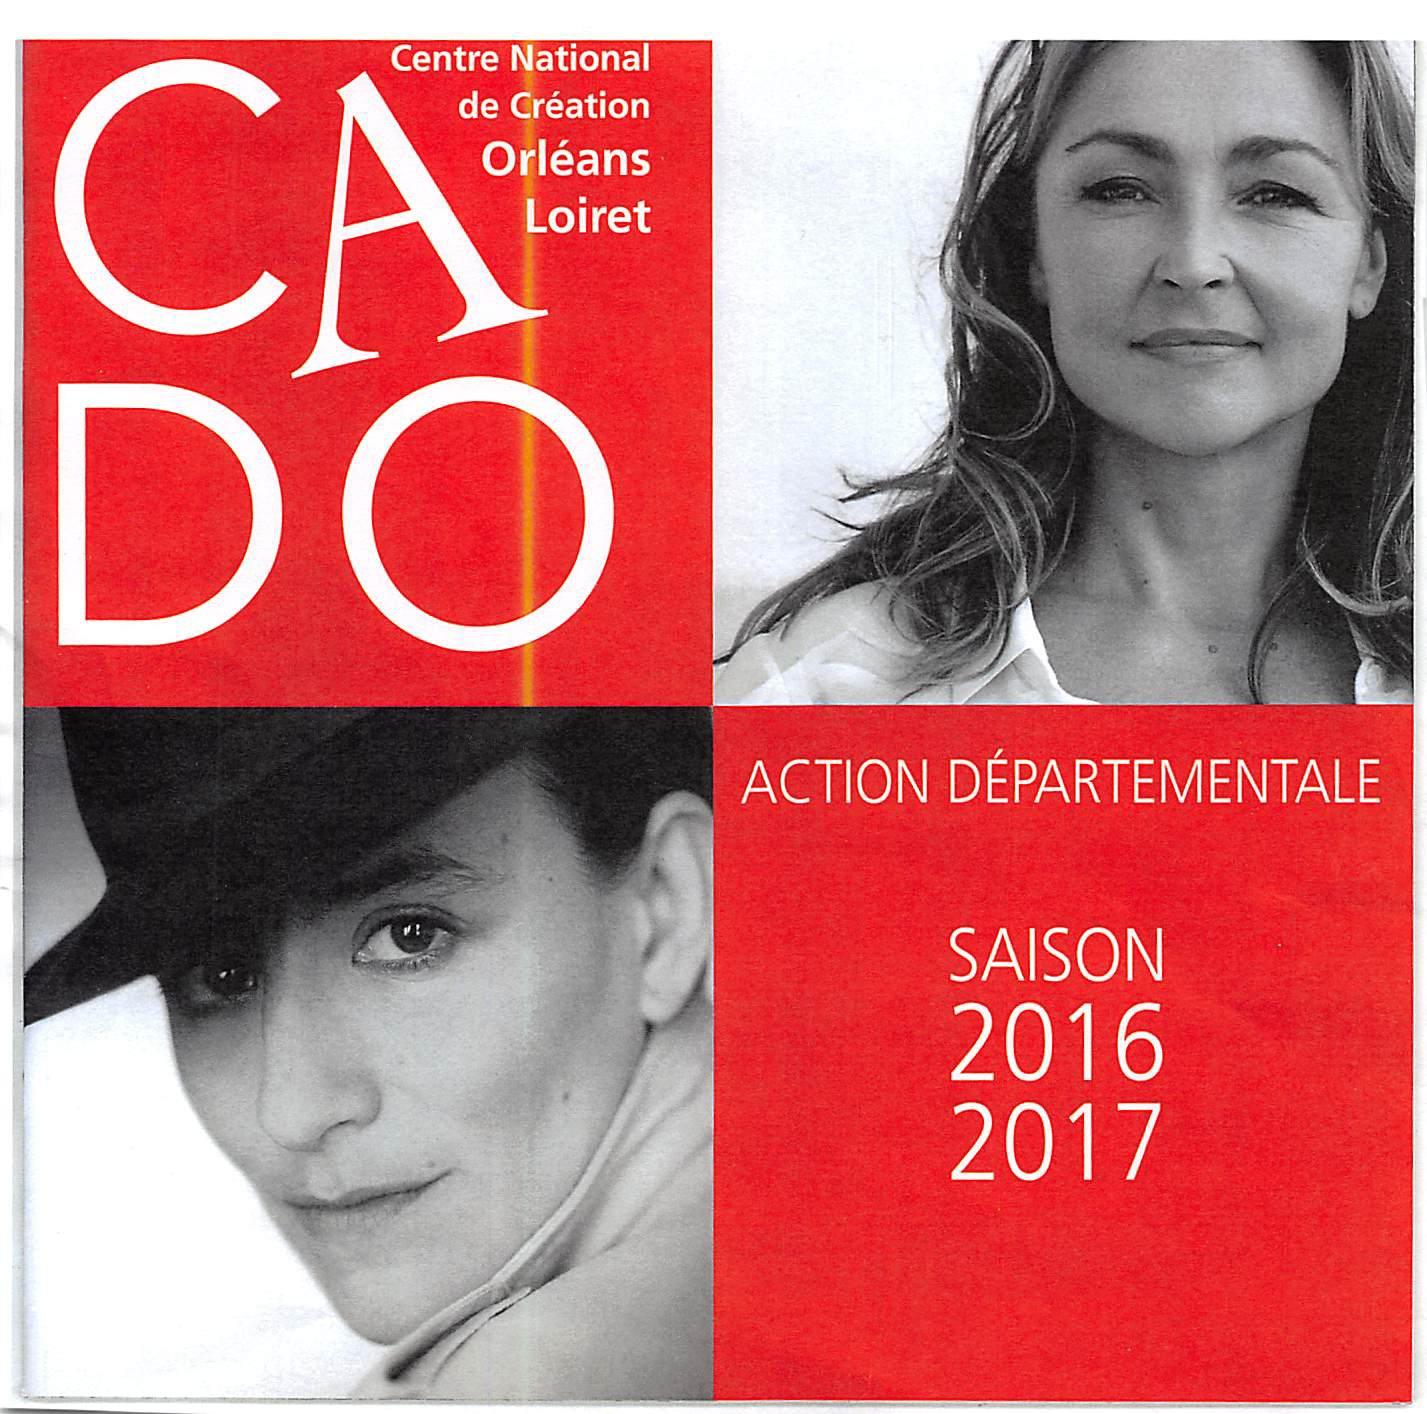 CADO Théâtre d'Orléans Saison 2016-2017